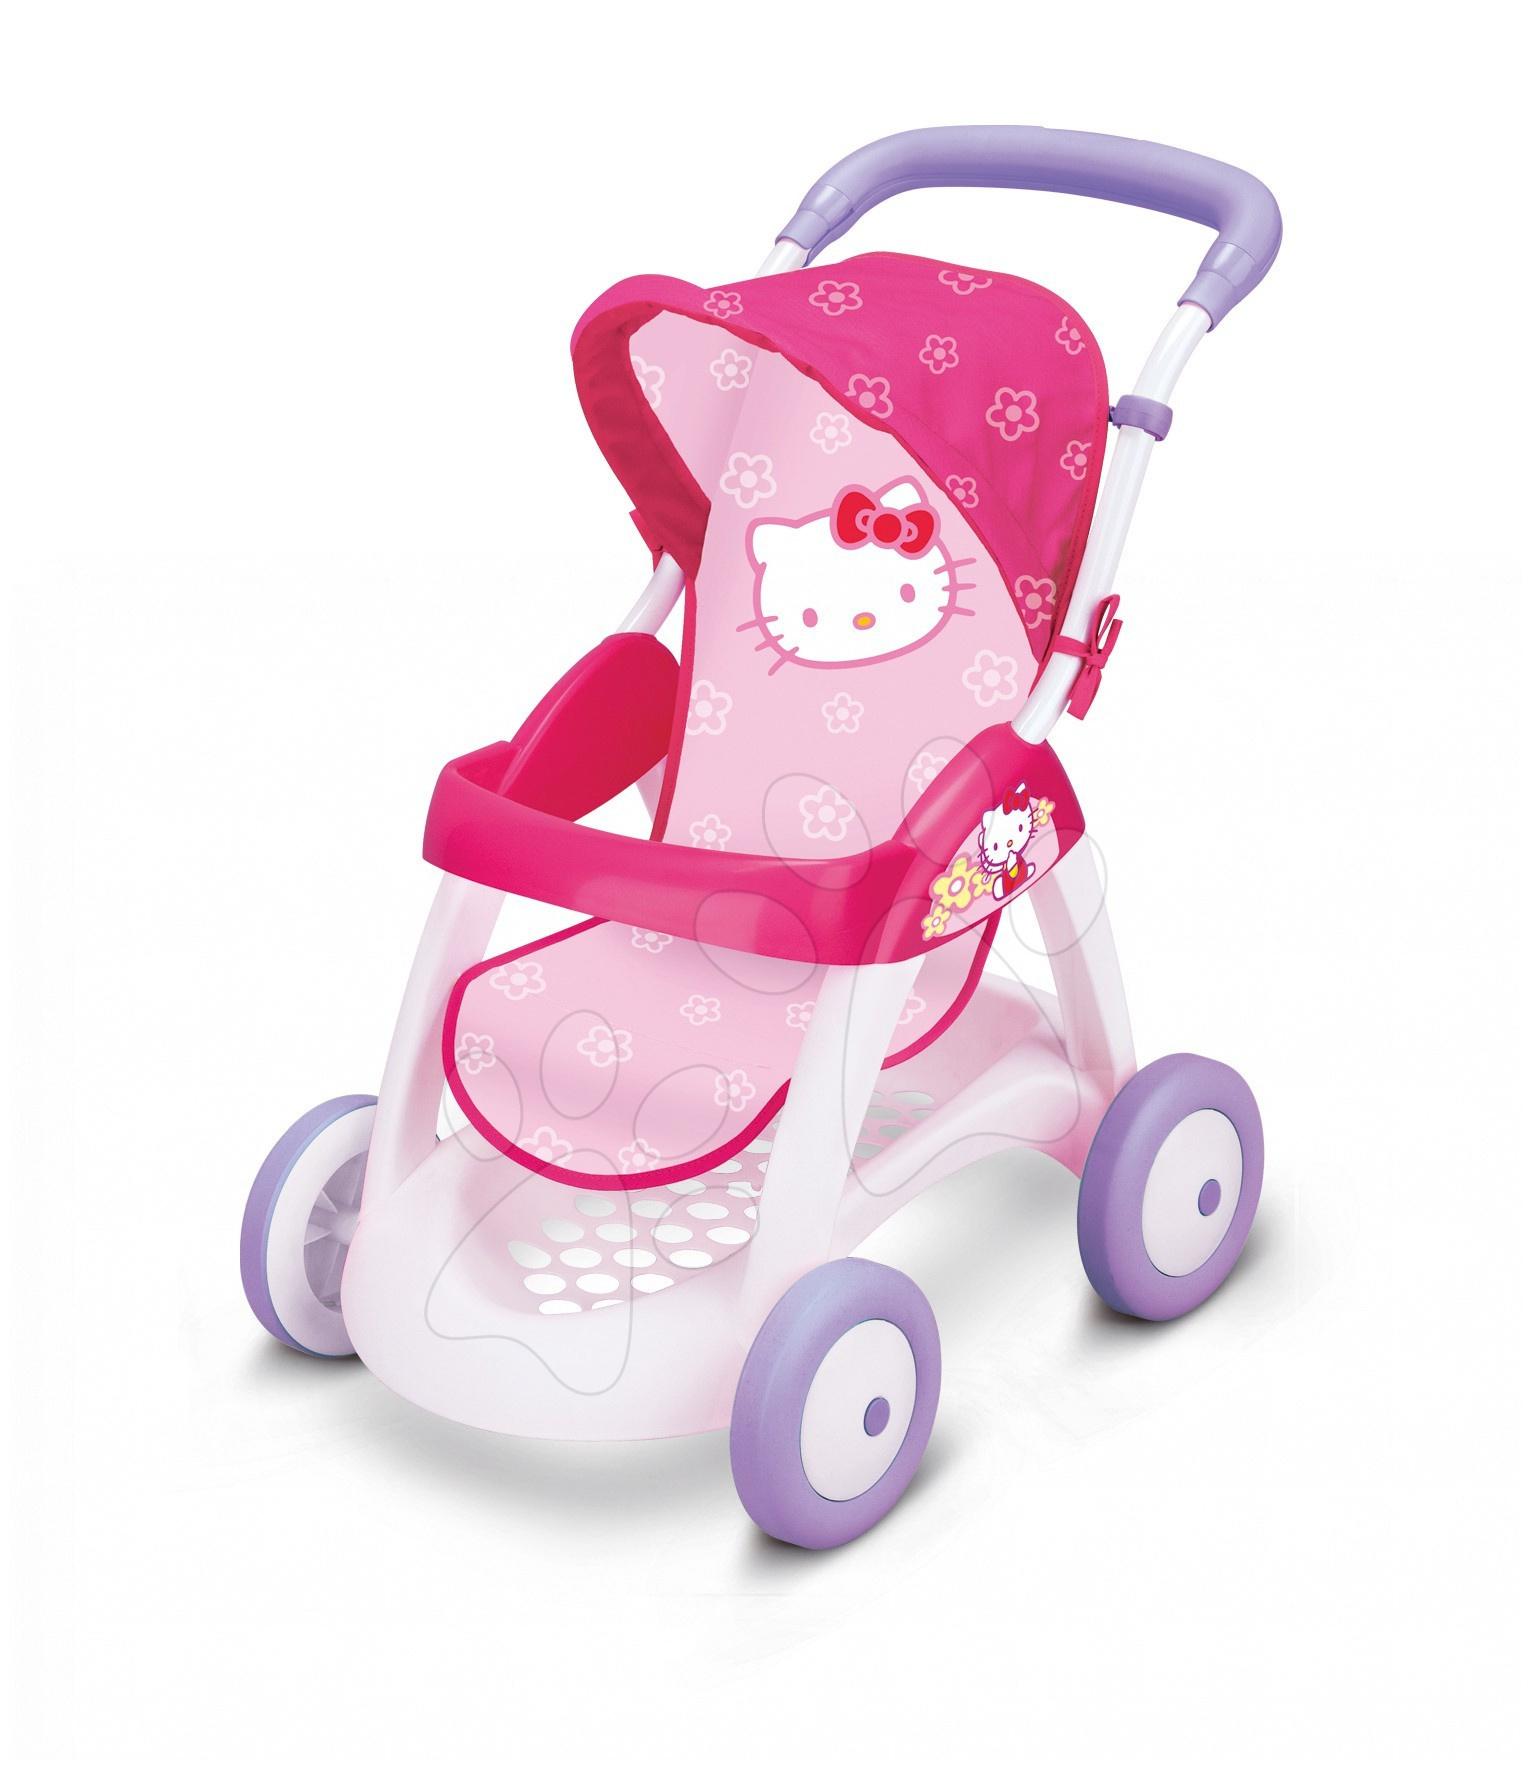 Produse vechi - Cărucior Hello Kitty Chuli Pop Smoby roz cu mâner de împins de 58 de cm 60*38*55 cm de la 18 luni